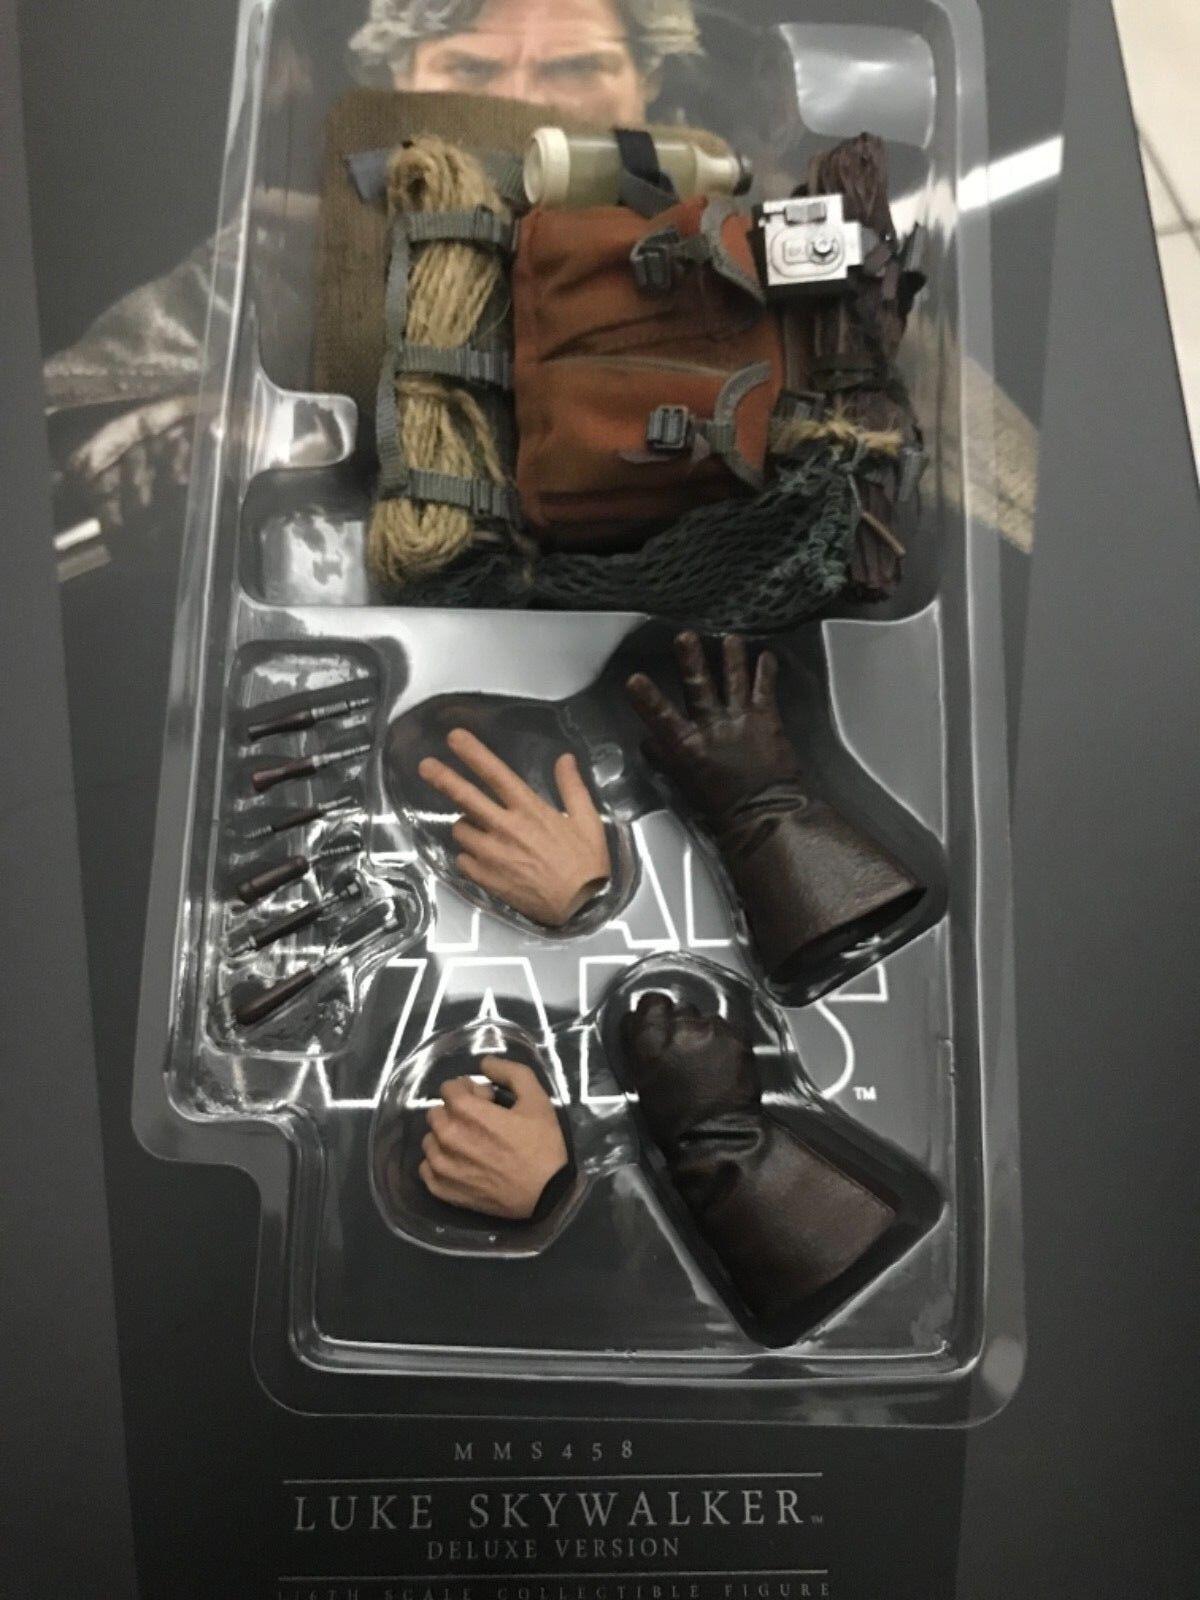 Caliente giocattoli estrella  guerras Luke cielowalker MMS458 Last Jedi - 1 6th Scale Accessories set  incentivi promozionali